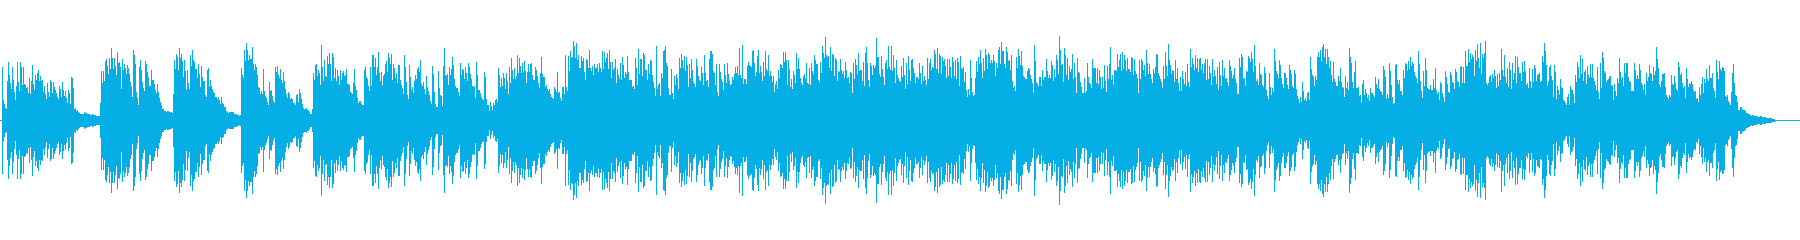 ほのぼの、しんみりなピアノソロの再生済みの波形